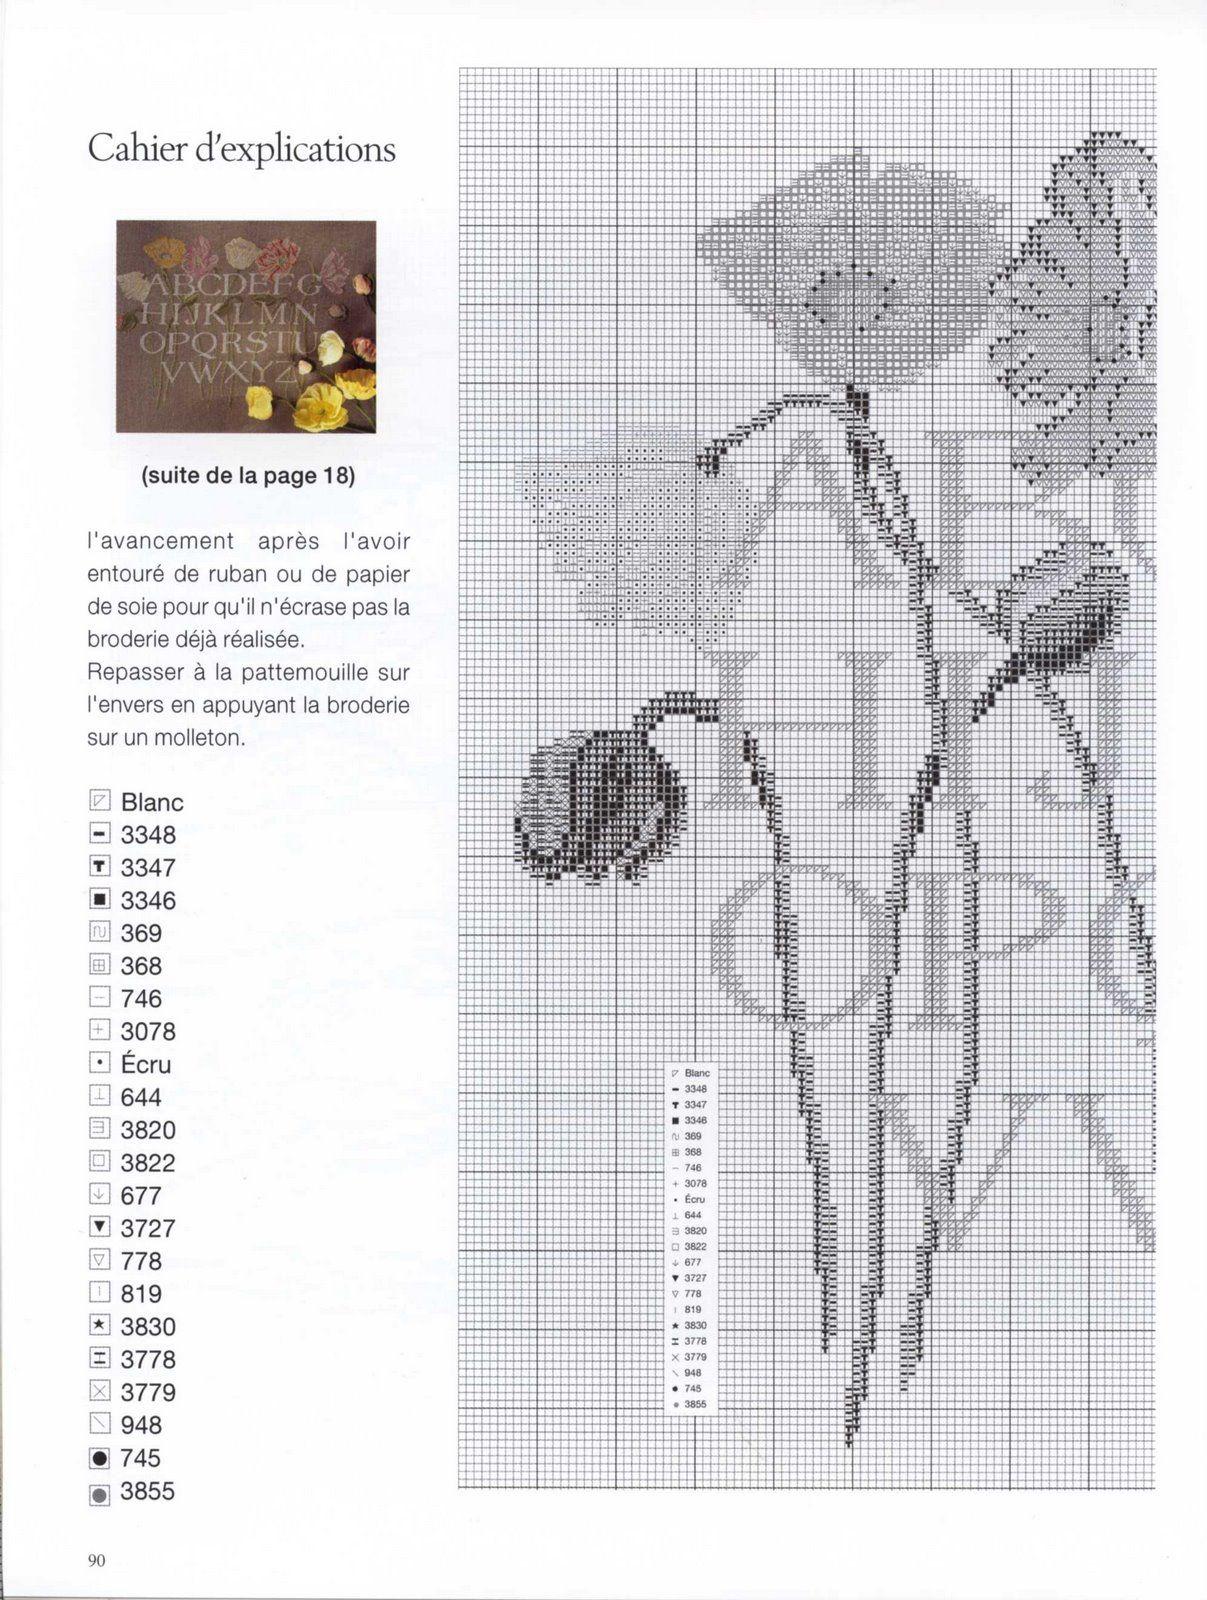 orlanda.gallery.ru watch?ph=Ina-bZOSE&subpanel=zoom&zoom=8